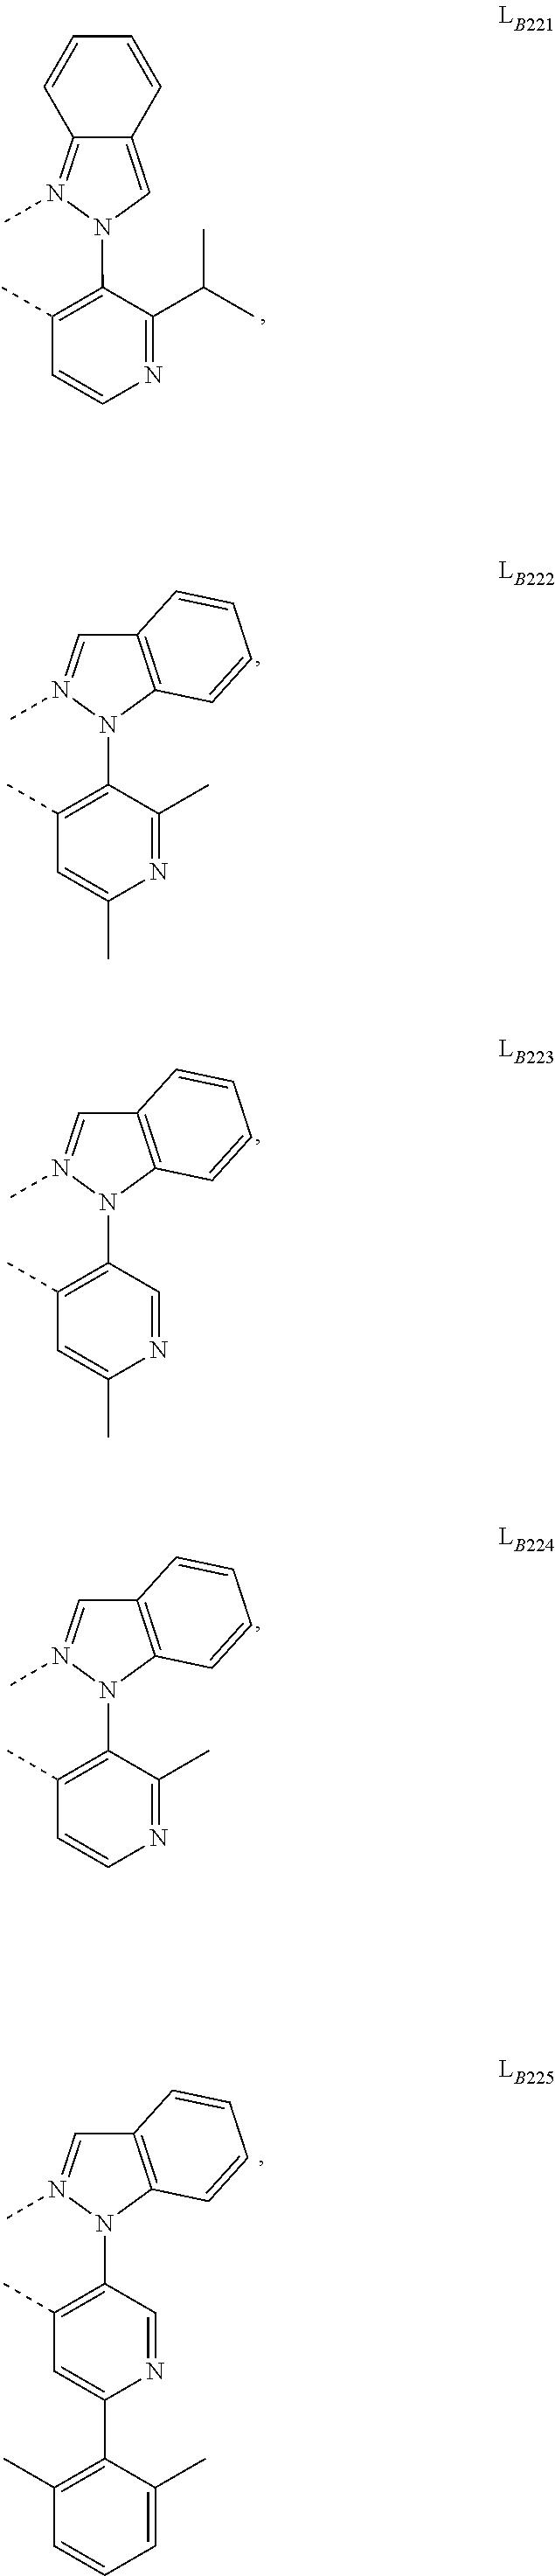 Figure US09905785-20180227-C00154